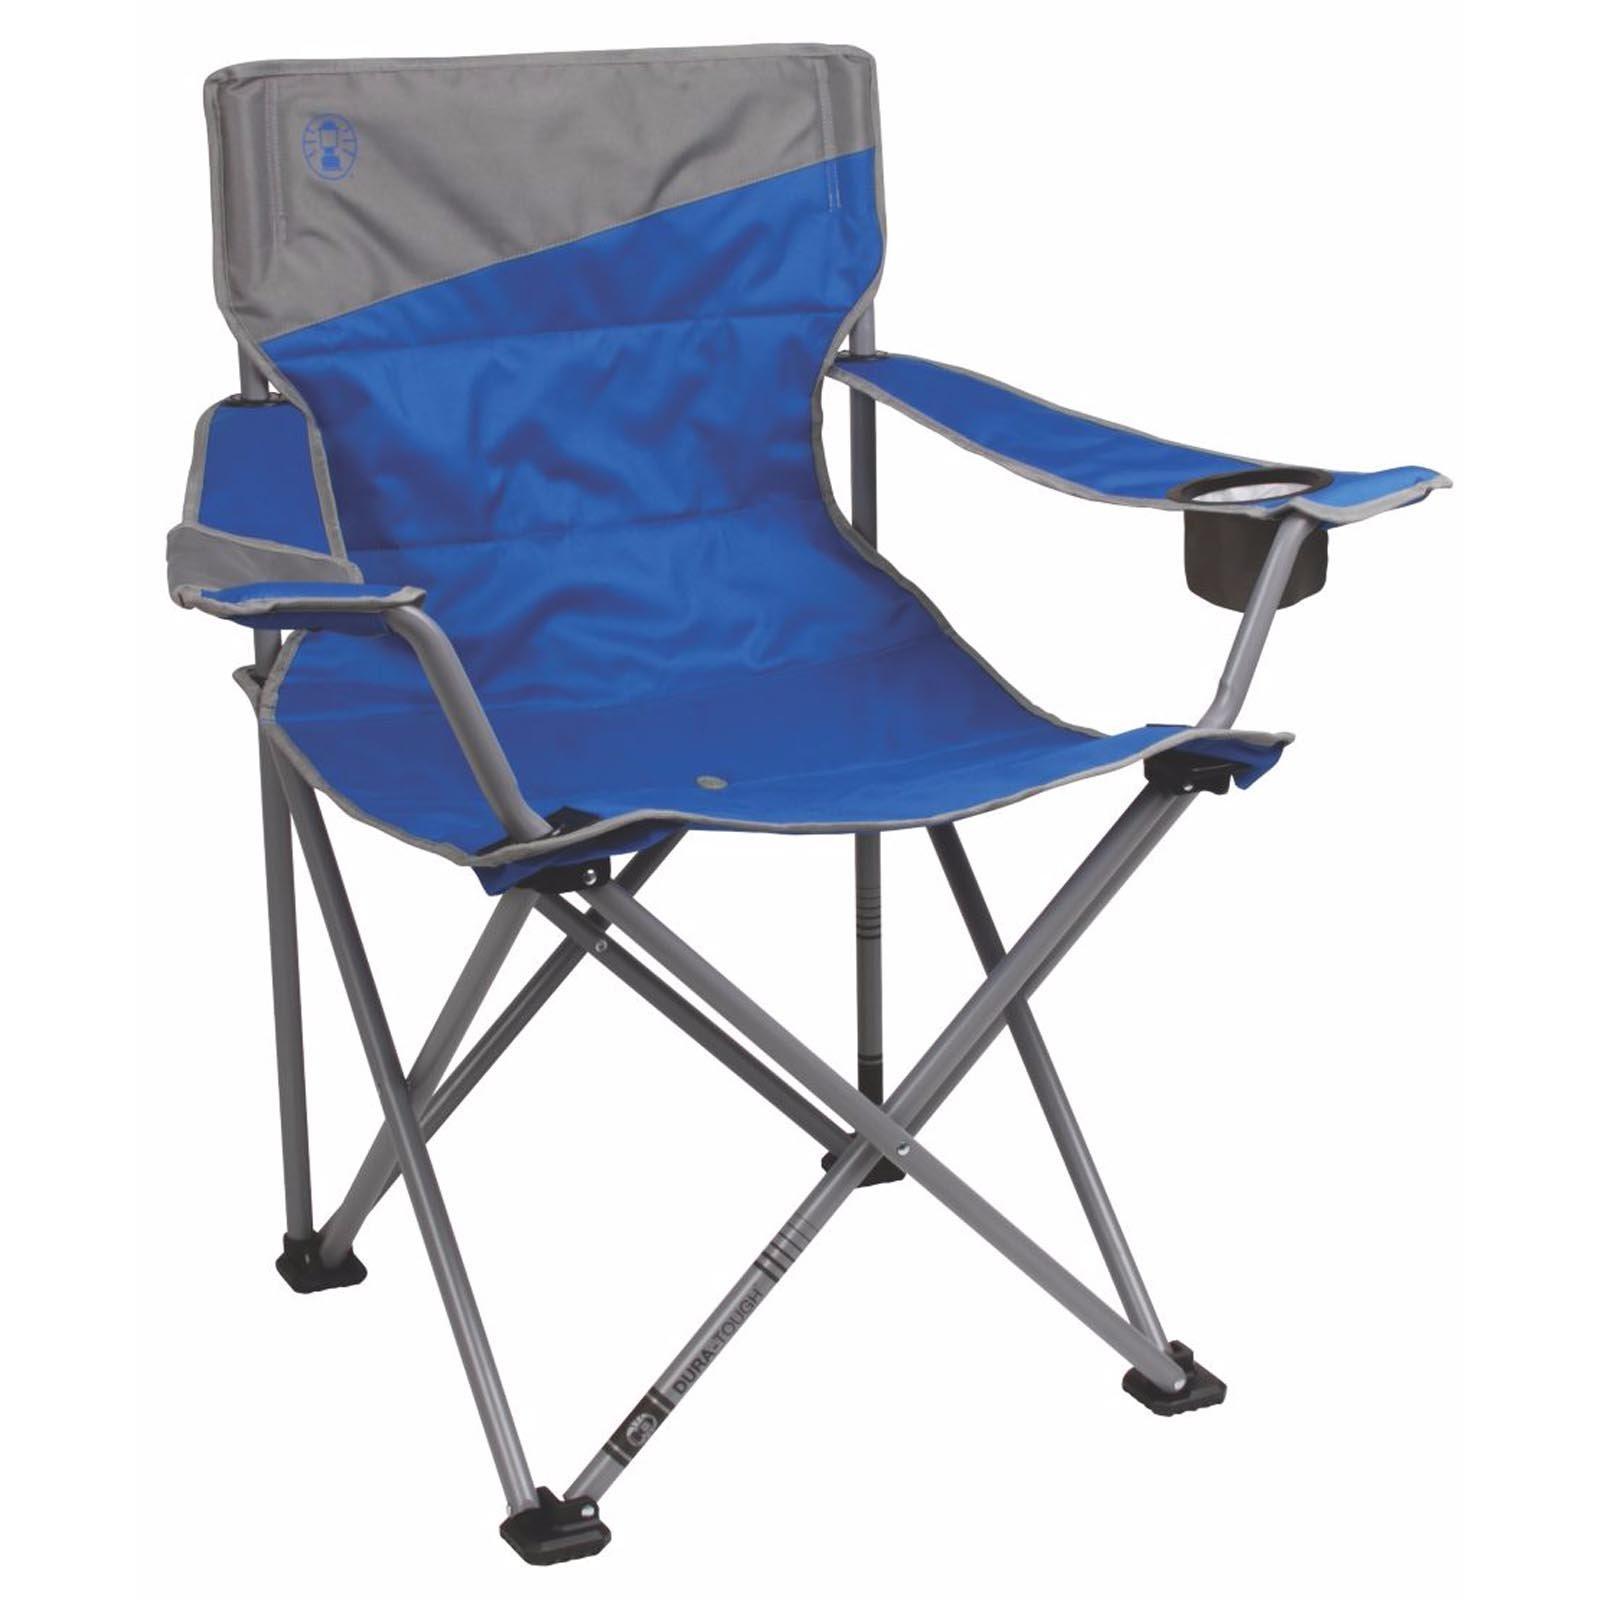 2 Coleman Camping Outdoor Beach Folding BigNTall